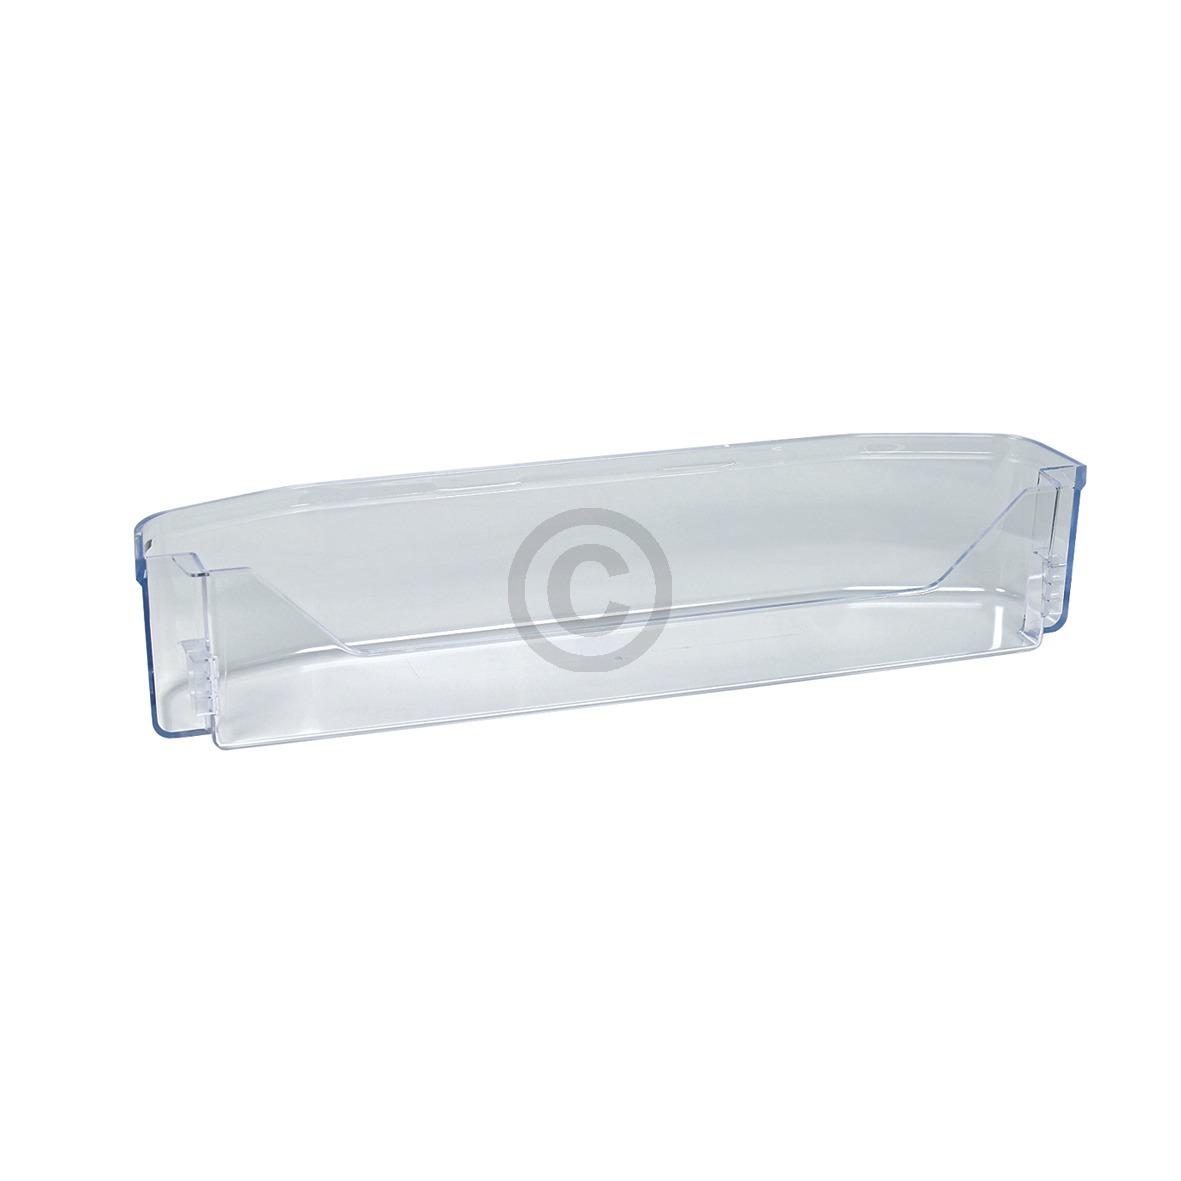 Abstellfach für Flaschen, 93mm hoch 481010467619 Bauknecht, Whirlpool, Ikea